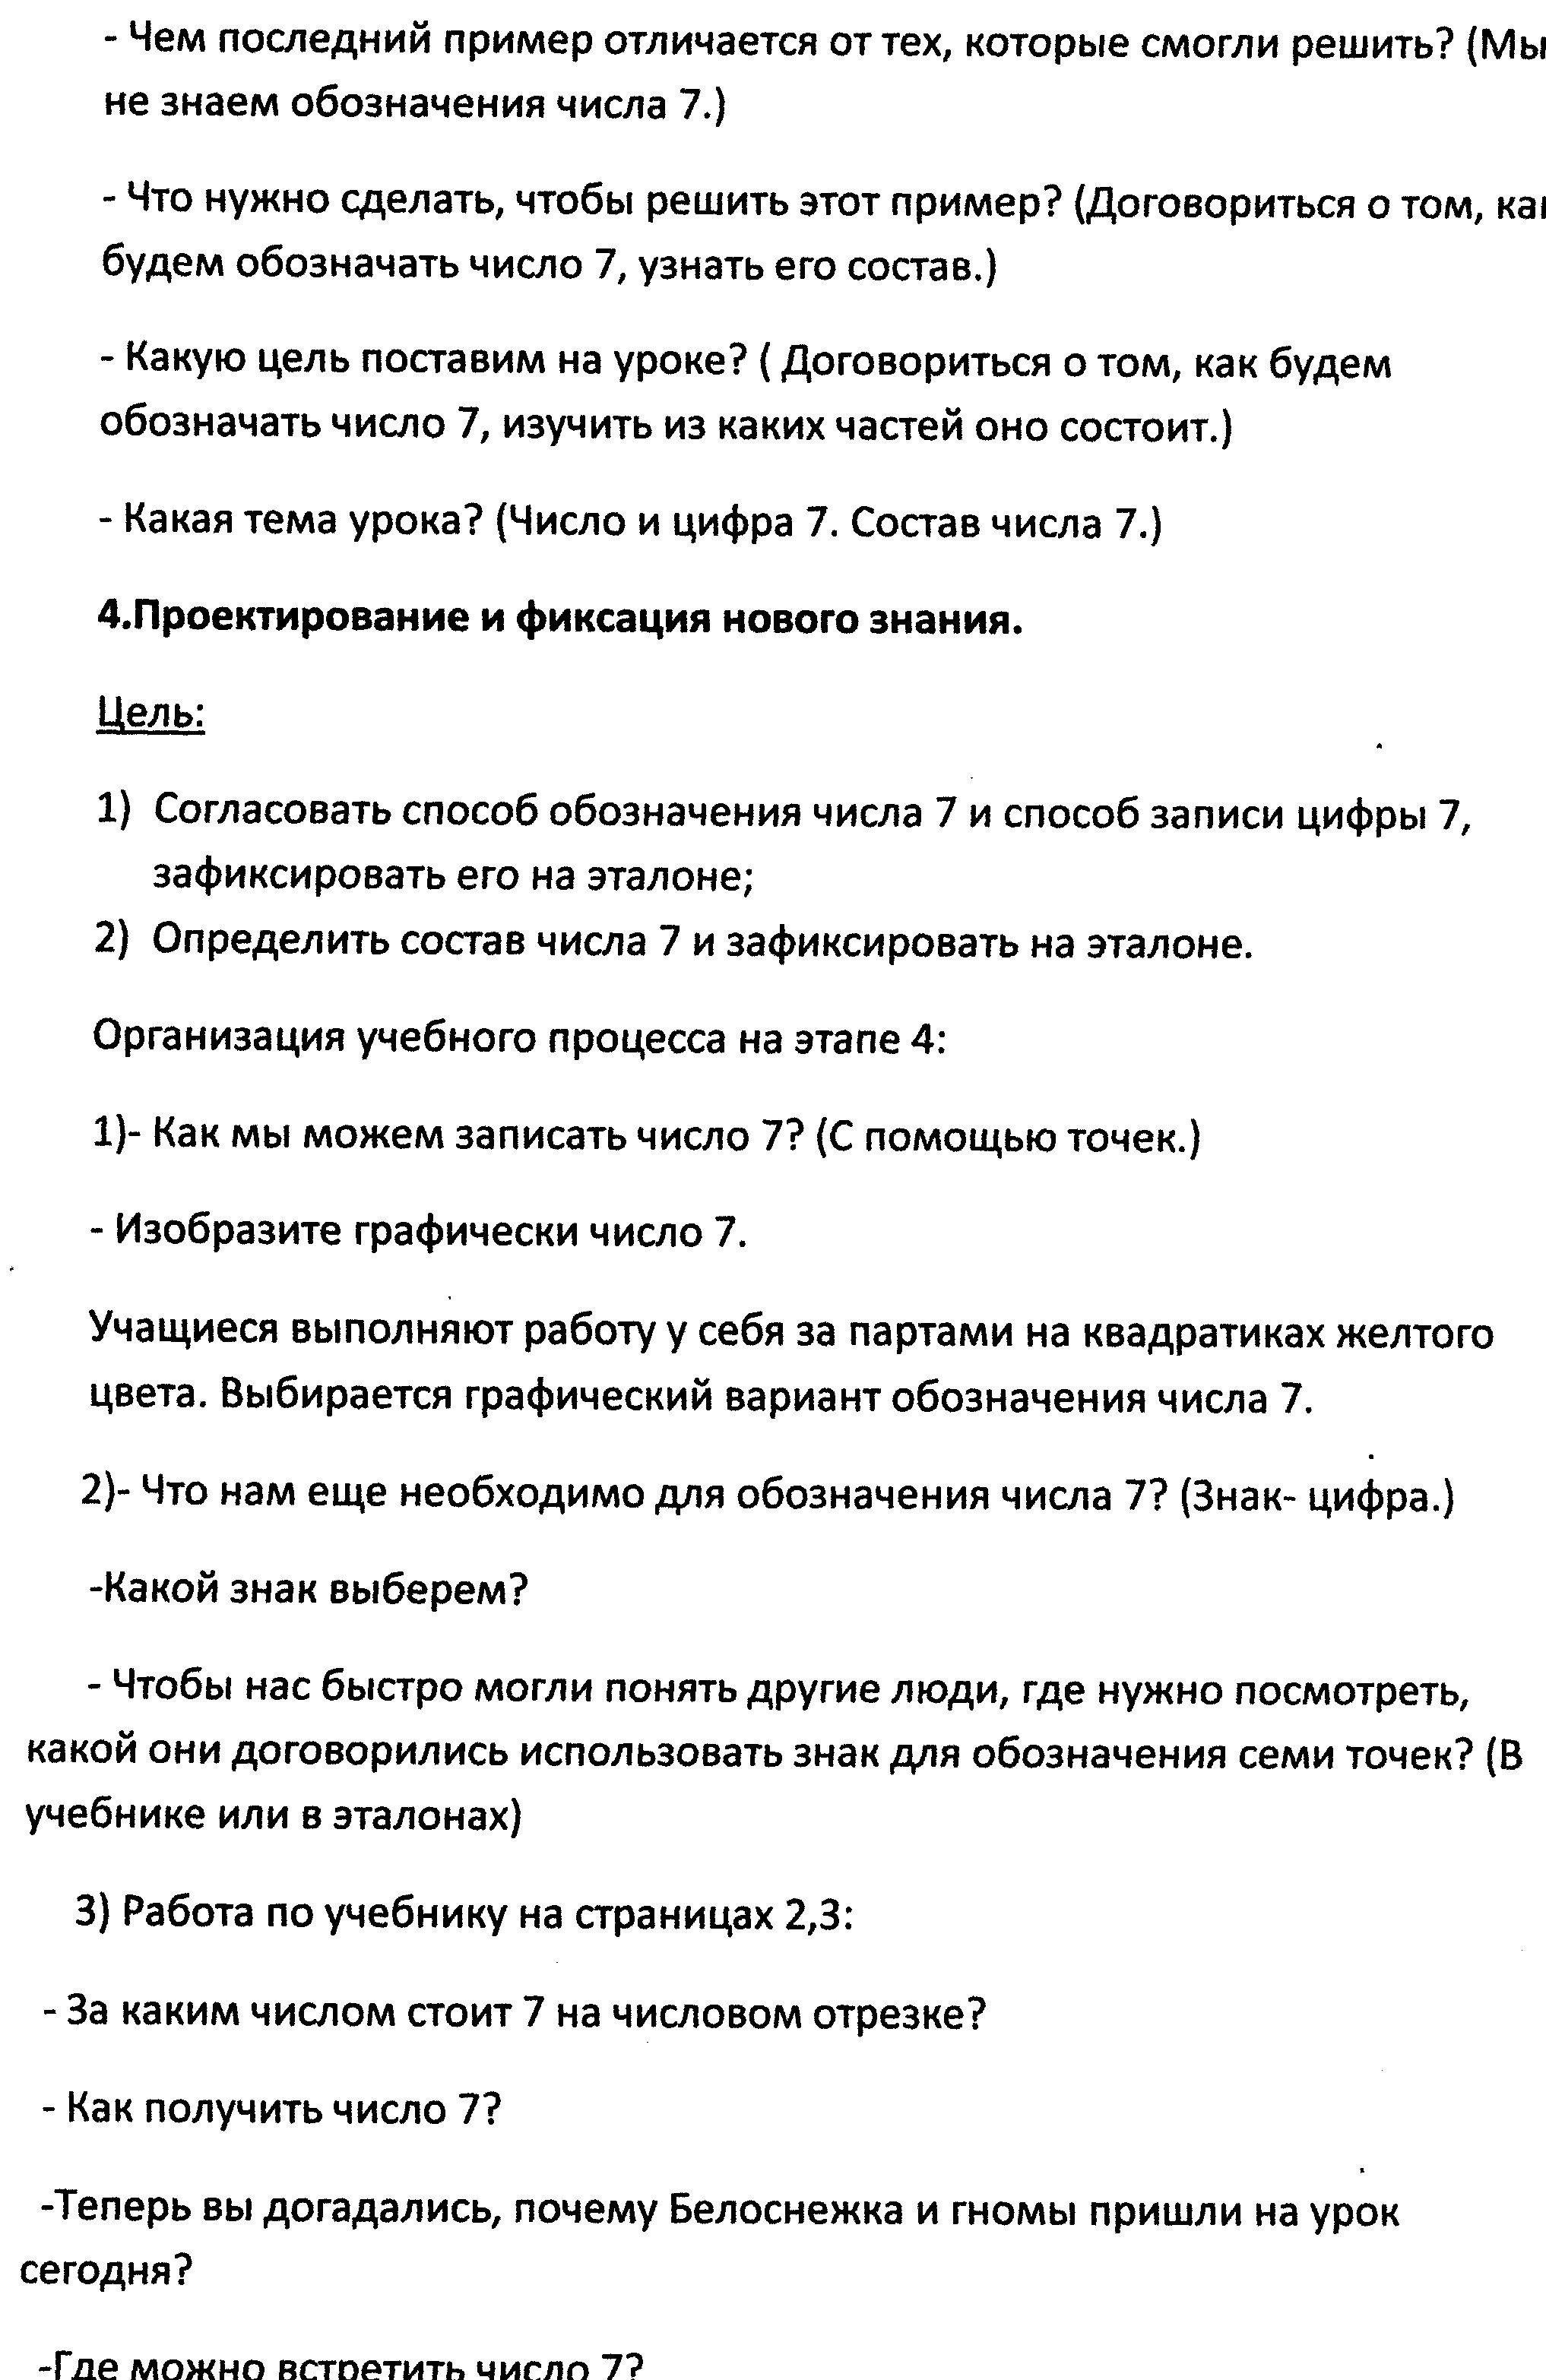 C:\Documents and Settings\Витька\Мои документы\Мои рисунки\img286.jpg